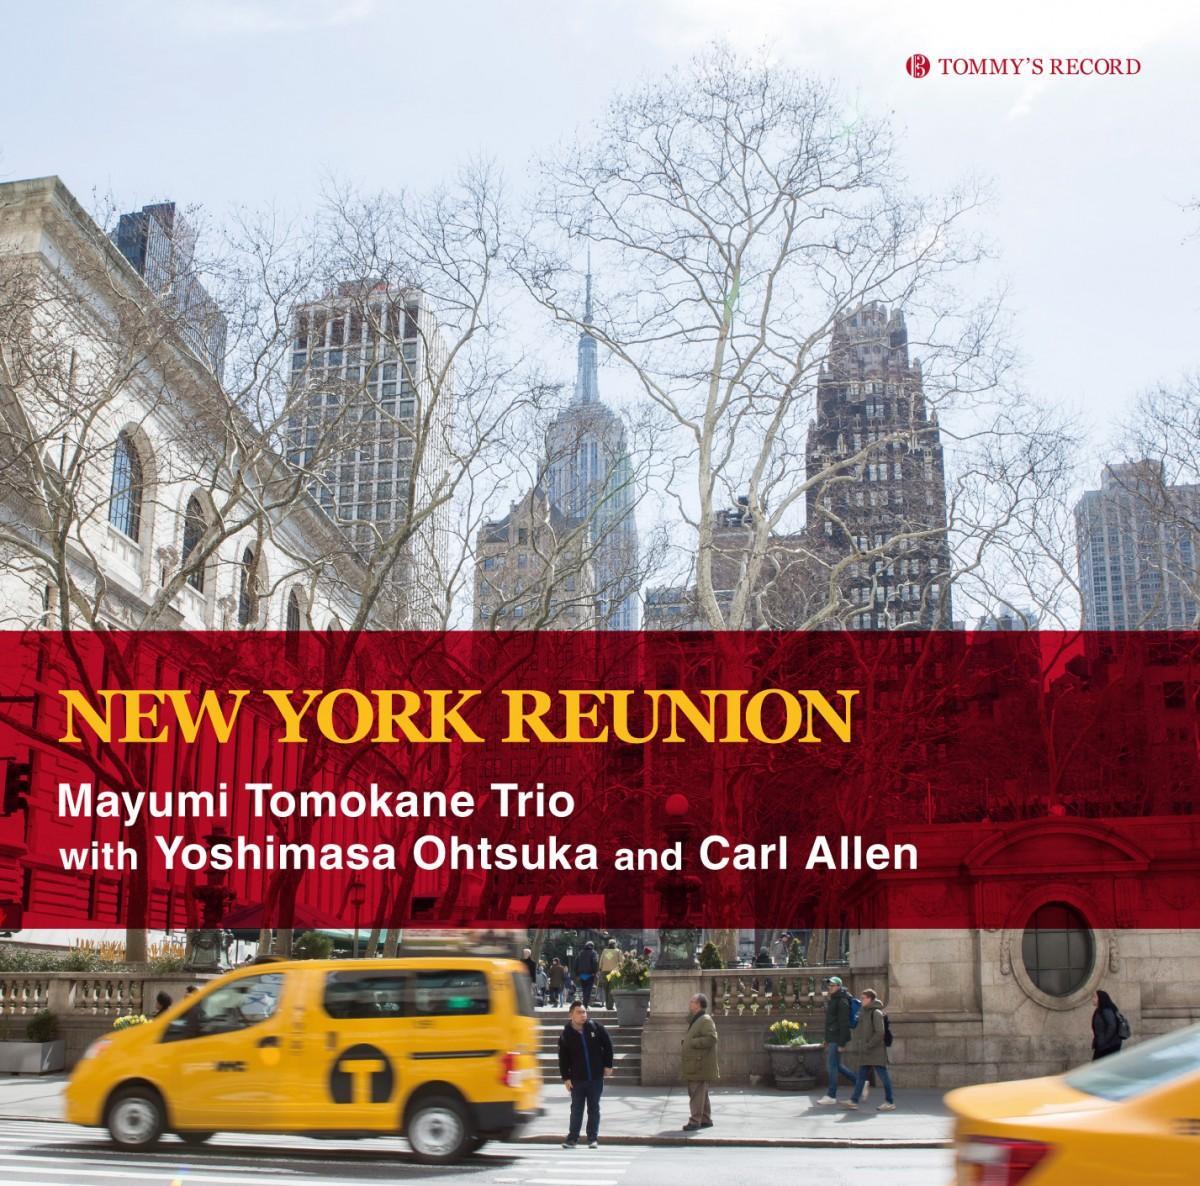 11月7日にリリースする「NEW YORK REUNION」